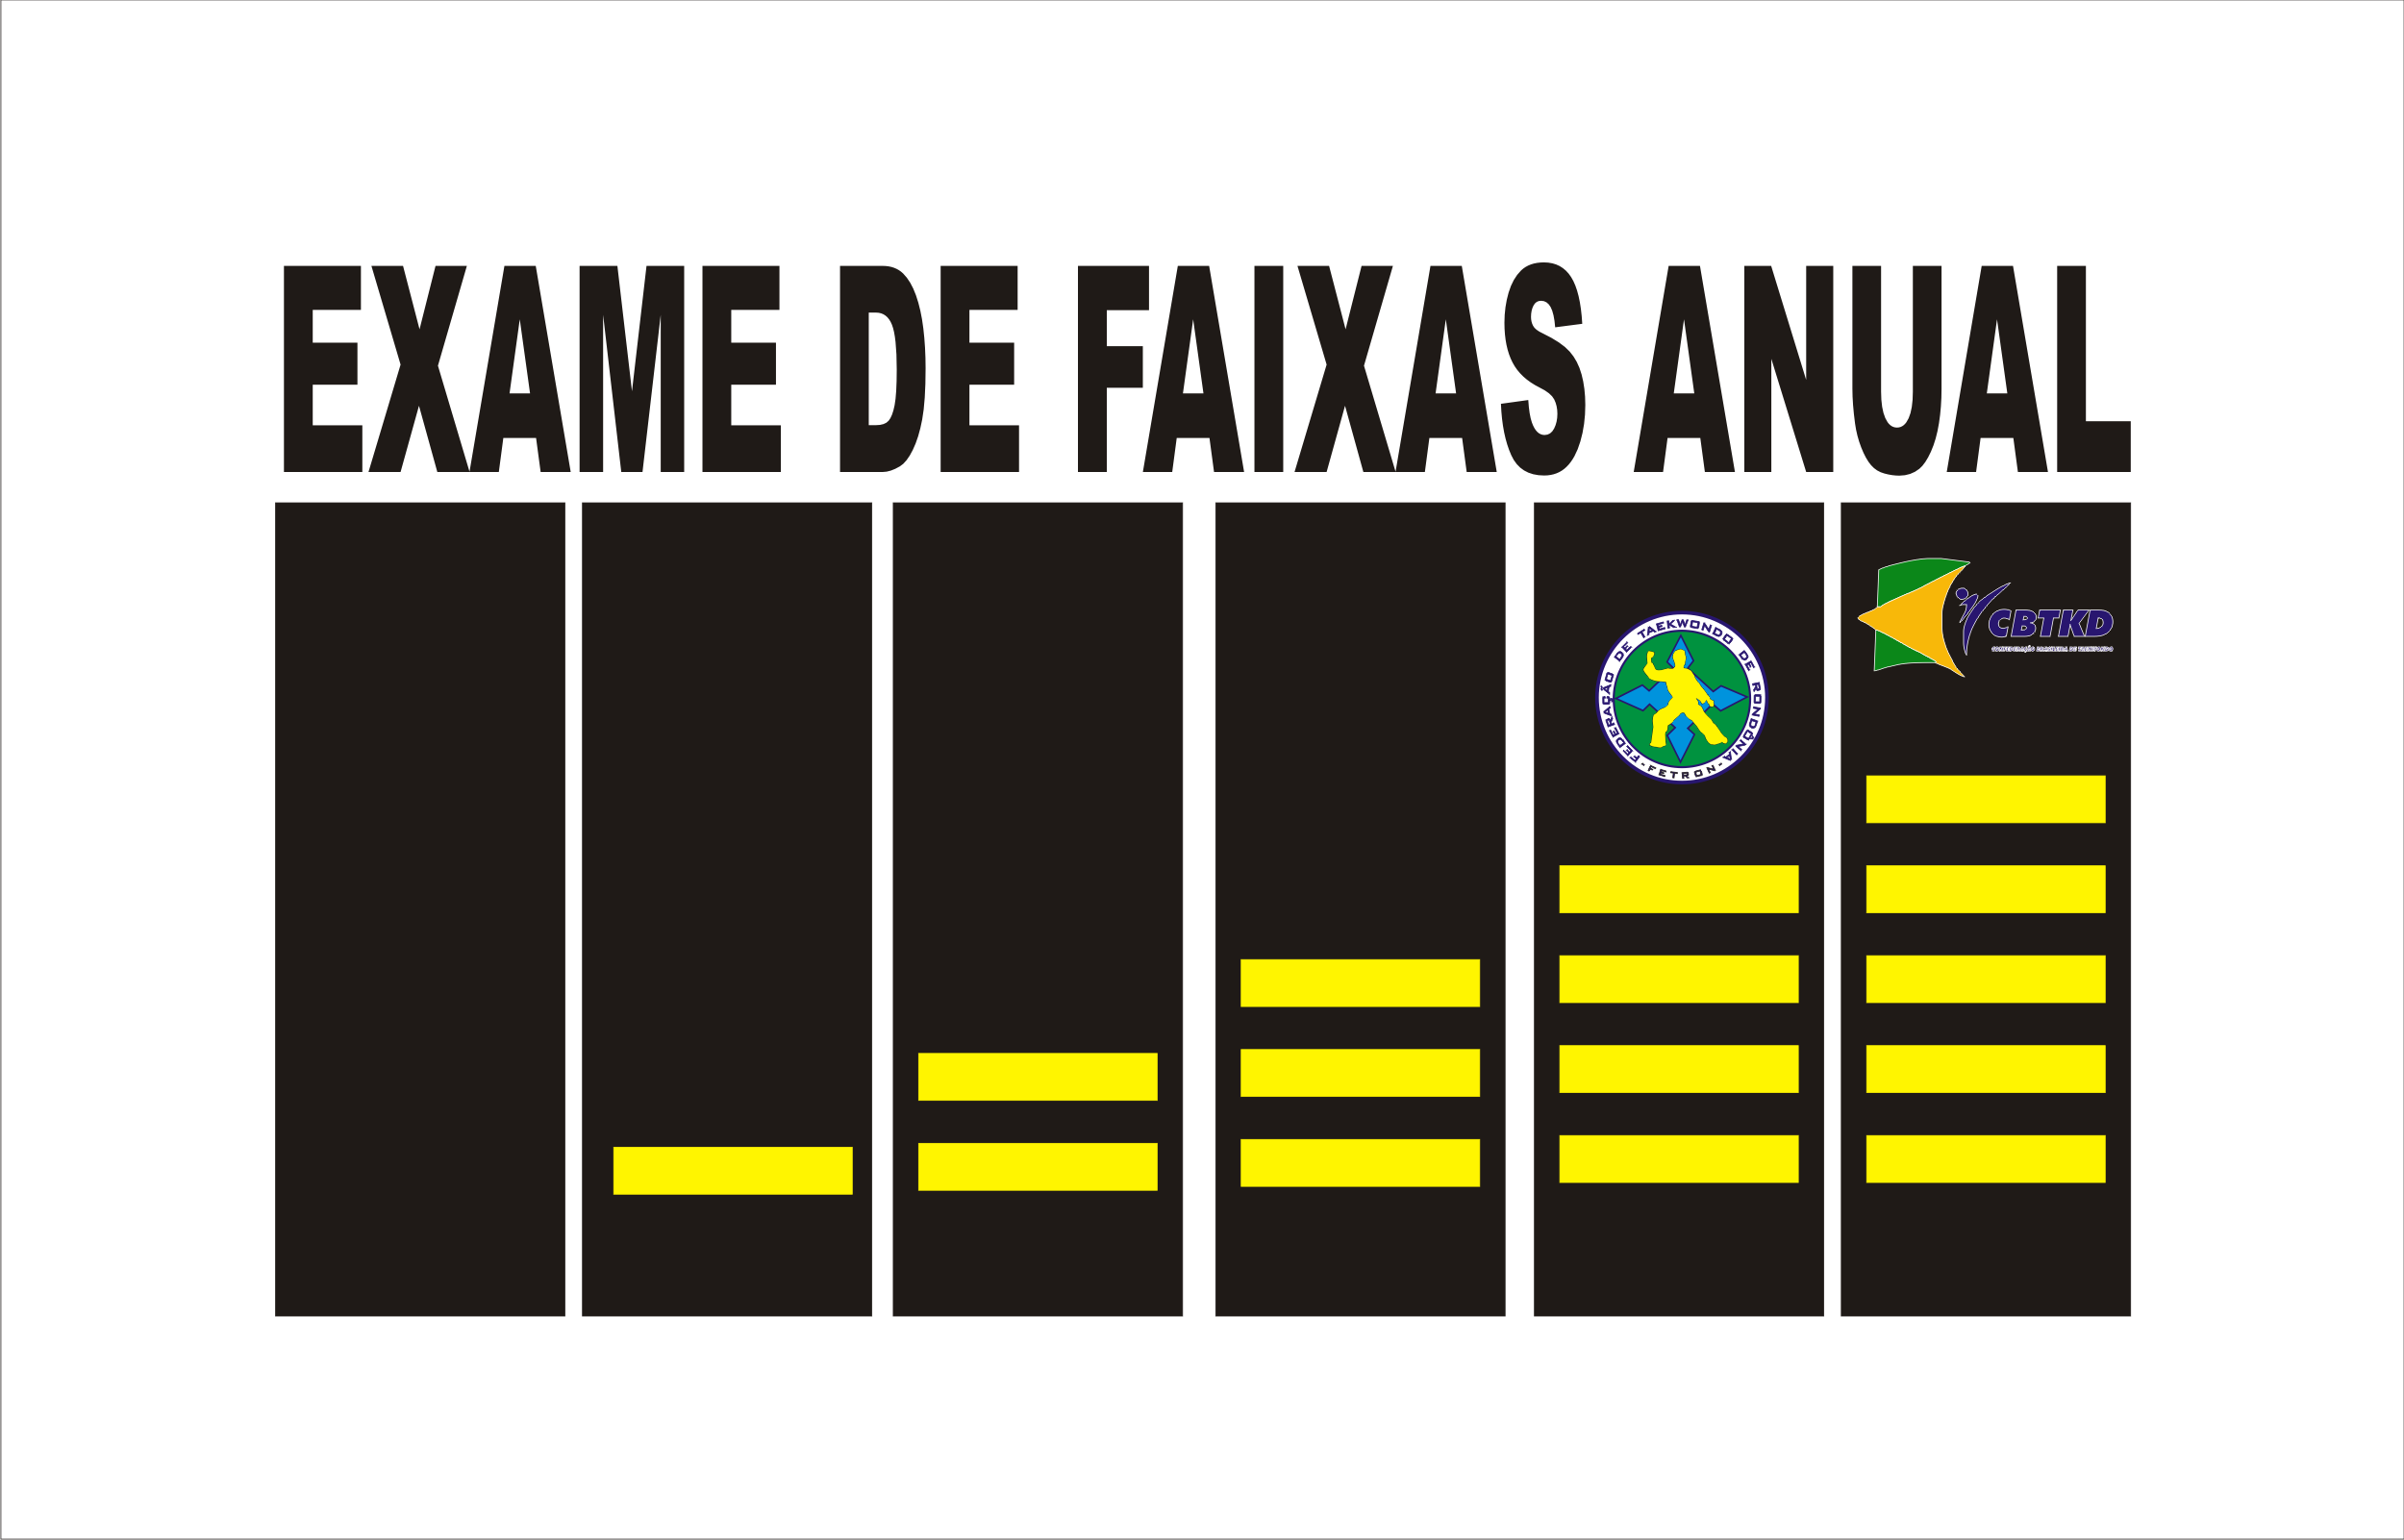 EXAME ANUAL DE FAIXAS PRETAS